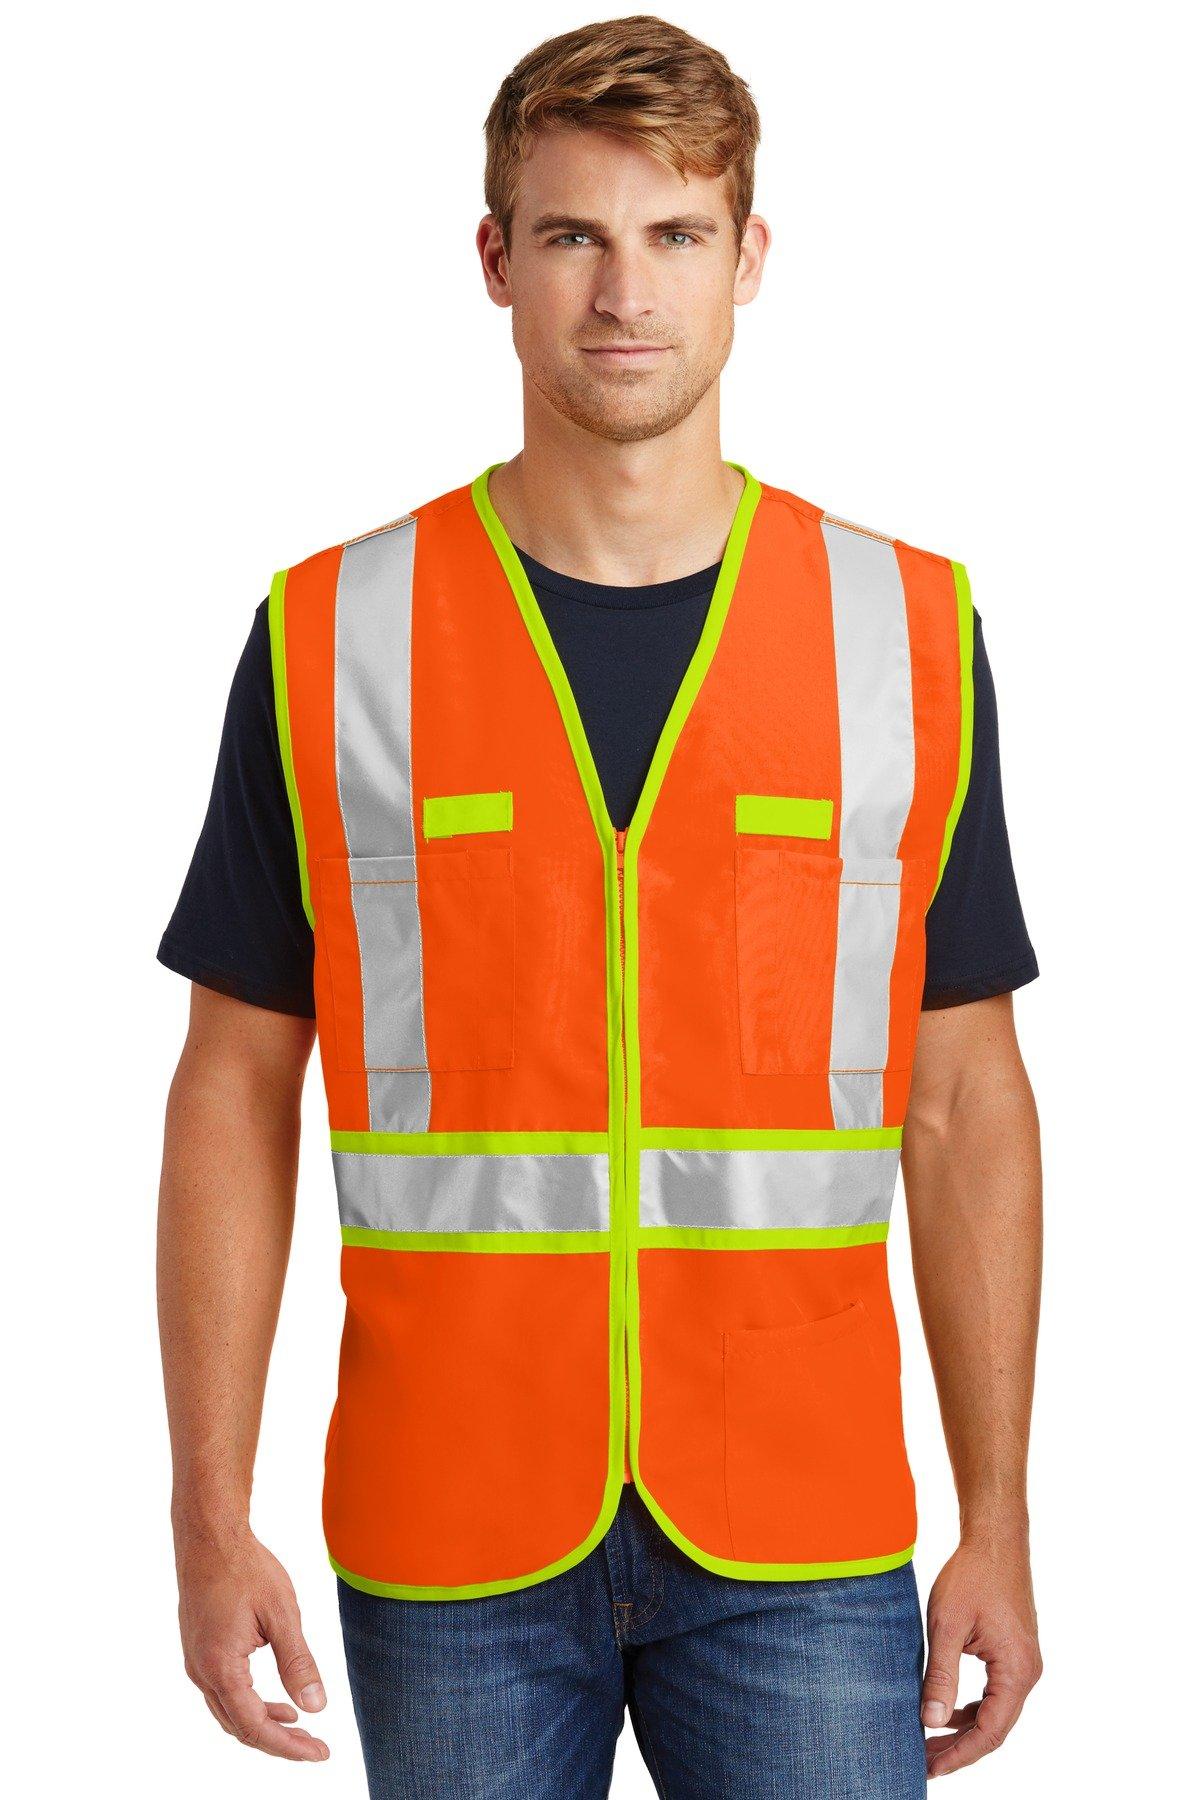 CornerStone ANSI 107 Class 2 DualColor Safety Vest